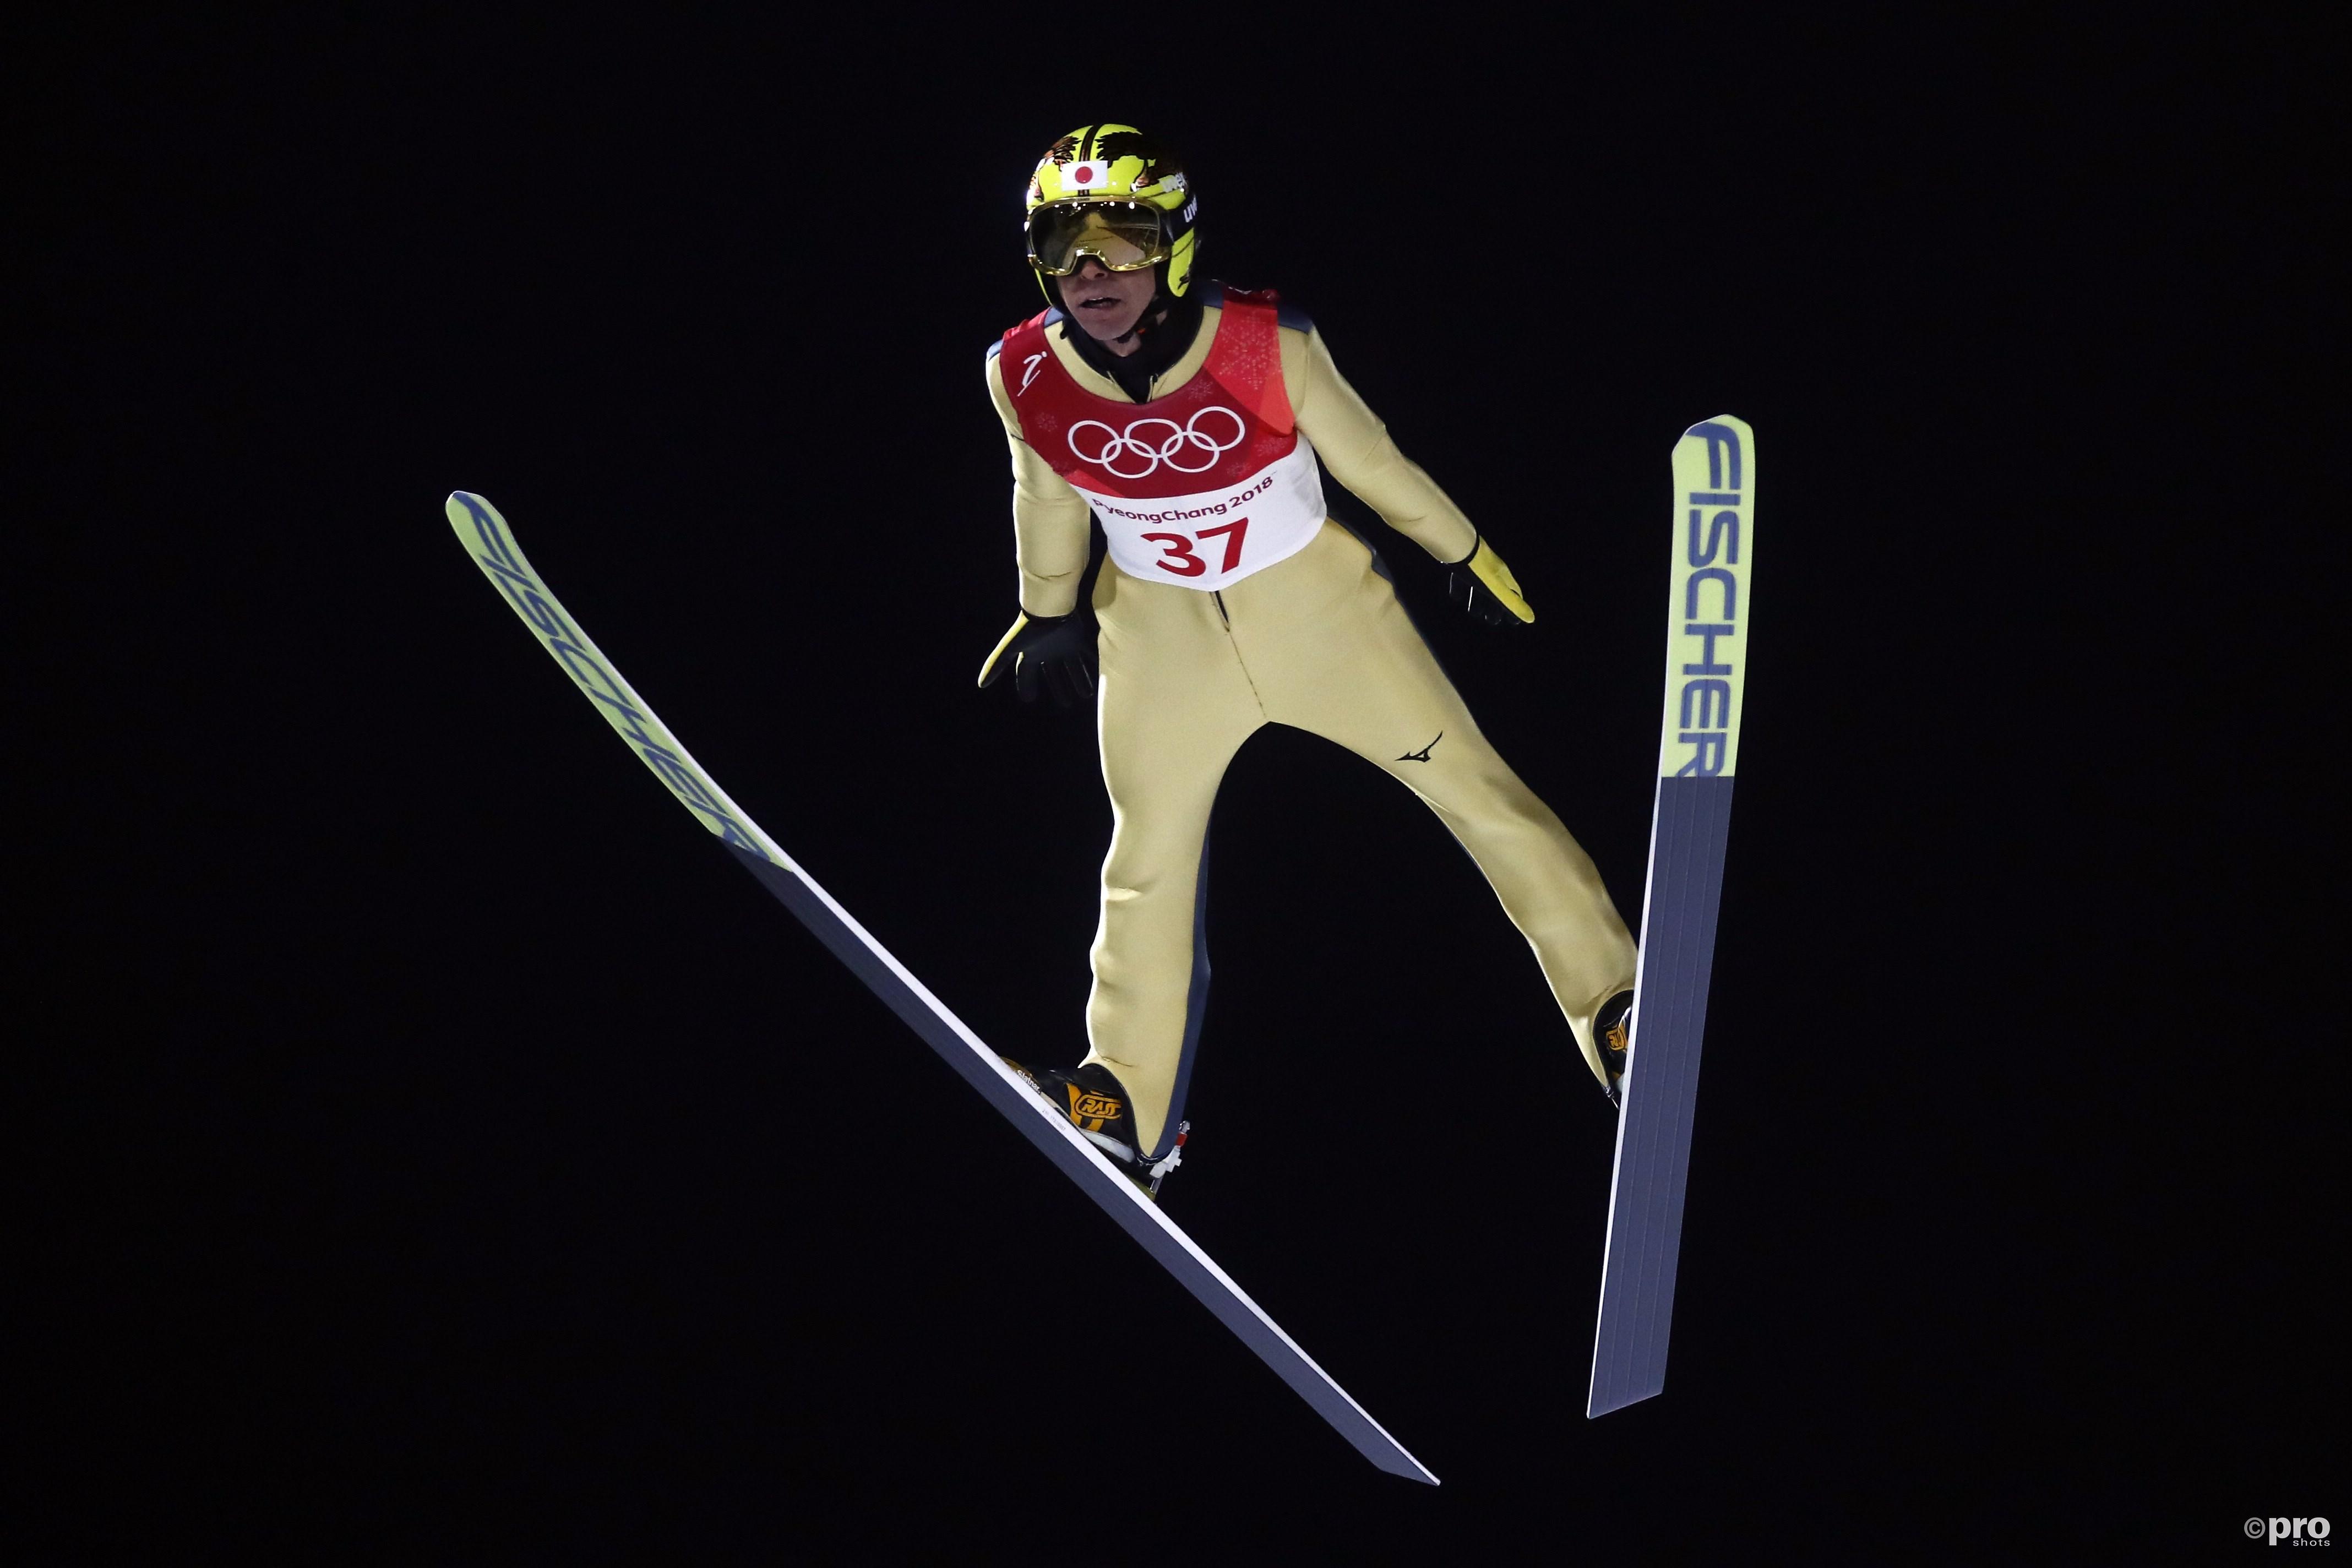 De legendarische Noriaki Kasai is nu officieel achtvoudig olympiër, een unieke prestatie op de Winterspelen (Pro Shots/Action Images)